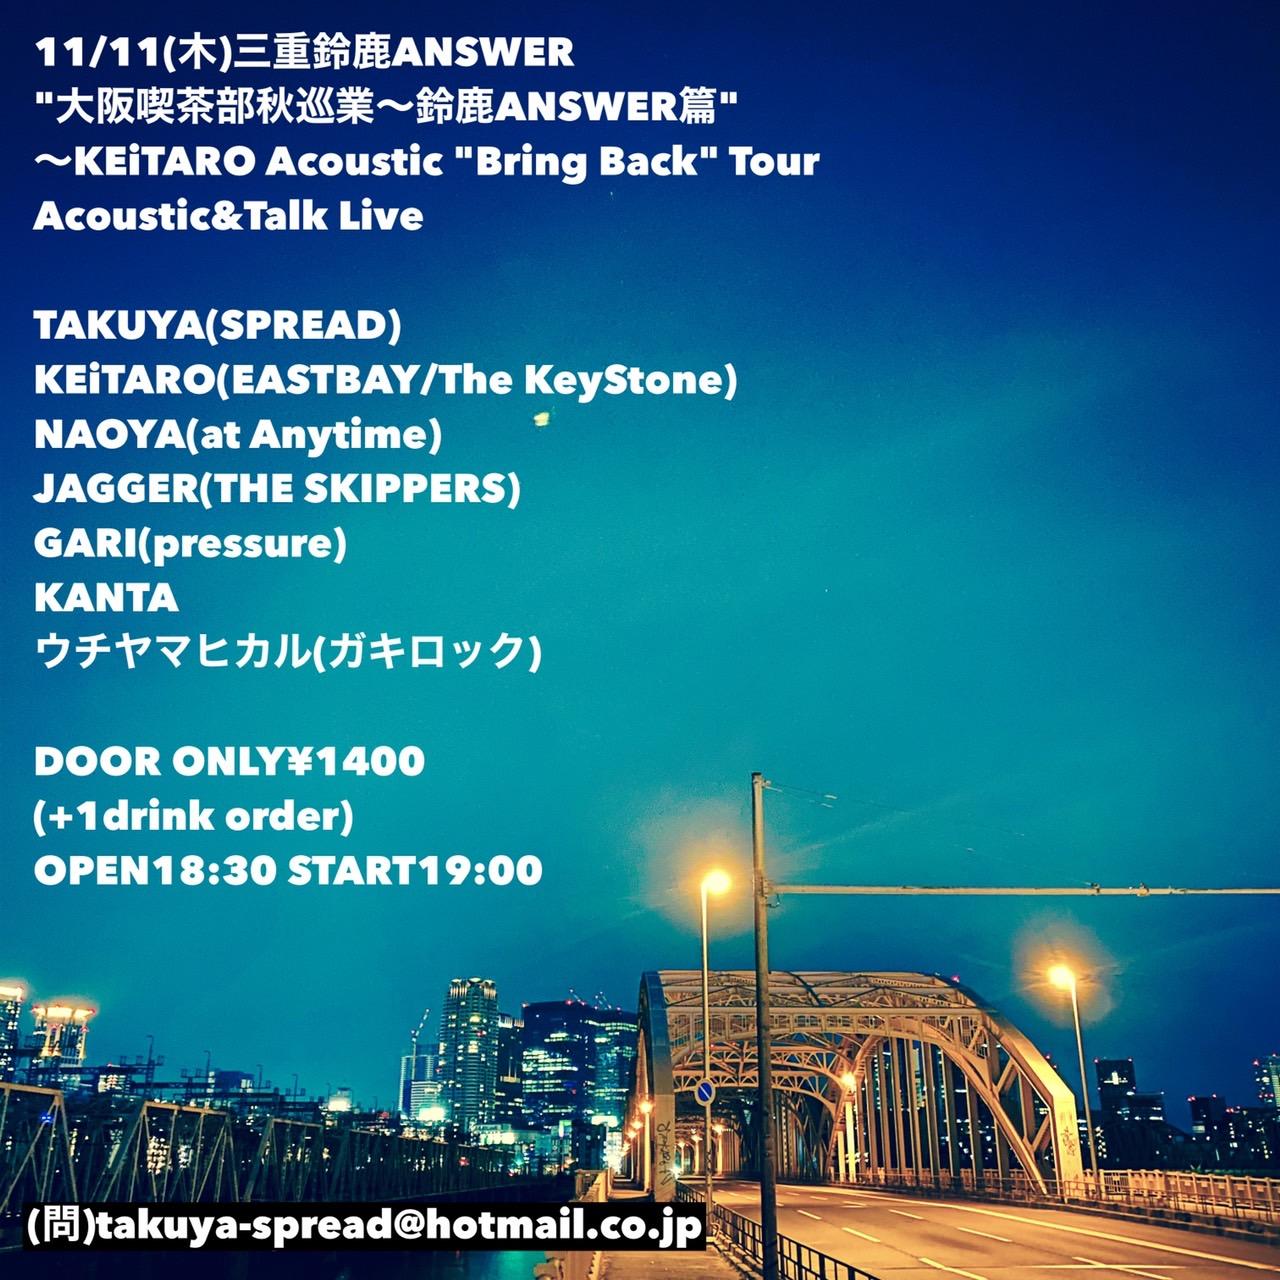 """""""大阪喫茶部秋巡業〜鈴鹿ANSWER篇"""" 〜KEiTARO Acoustic """"Bring Back"""" Tour Acoustic&Talk Liveの写真"""